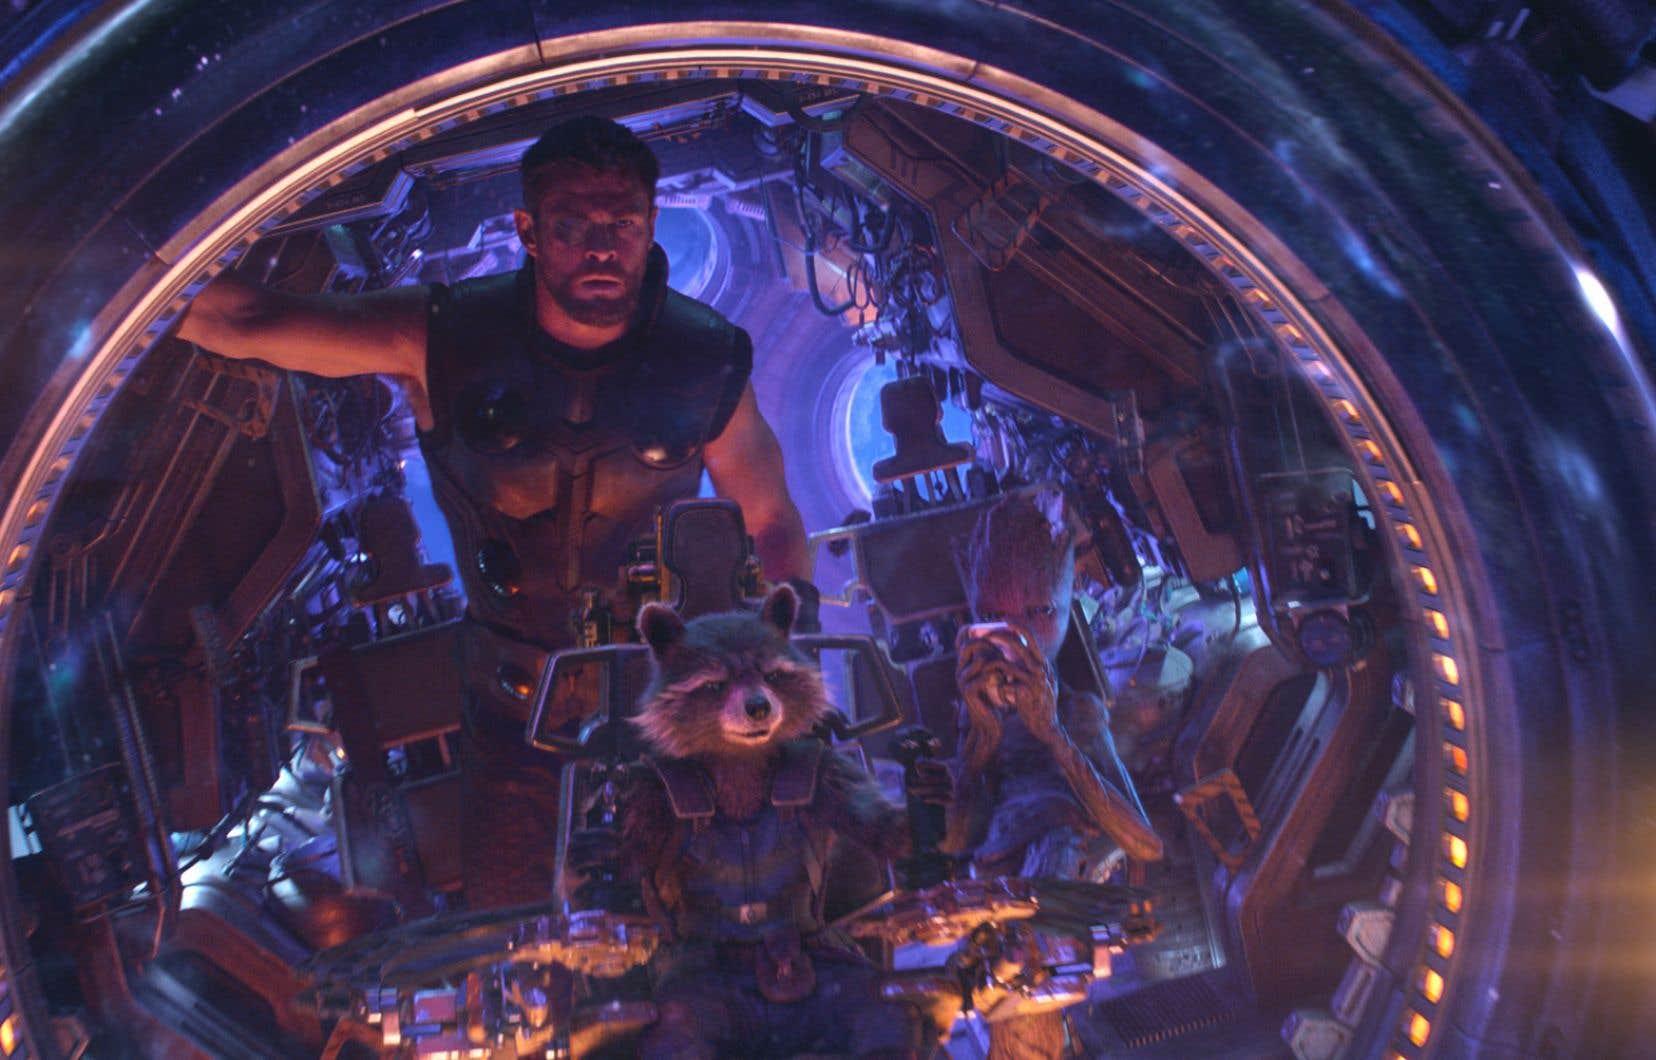 Le nouveau chapitre des «Avengers» a provoqué la rencontre de plusieurs superhéros, notamment Thor, Rocket et Groot.